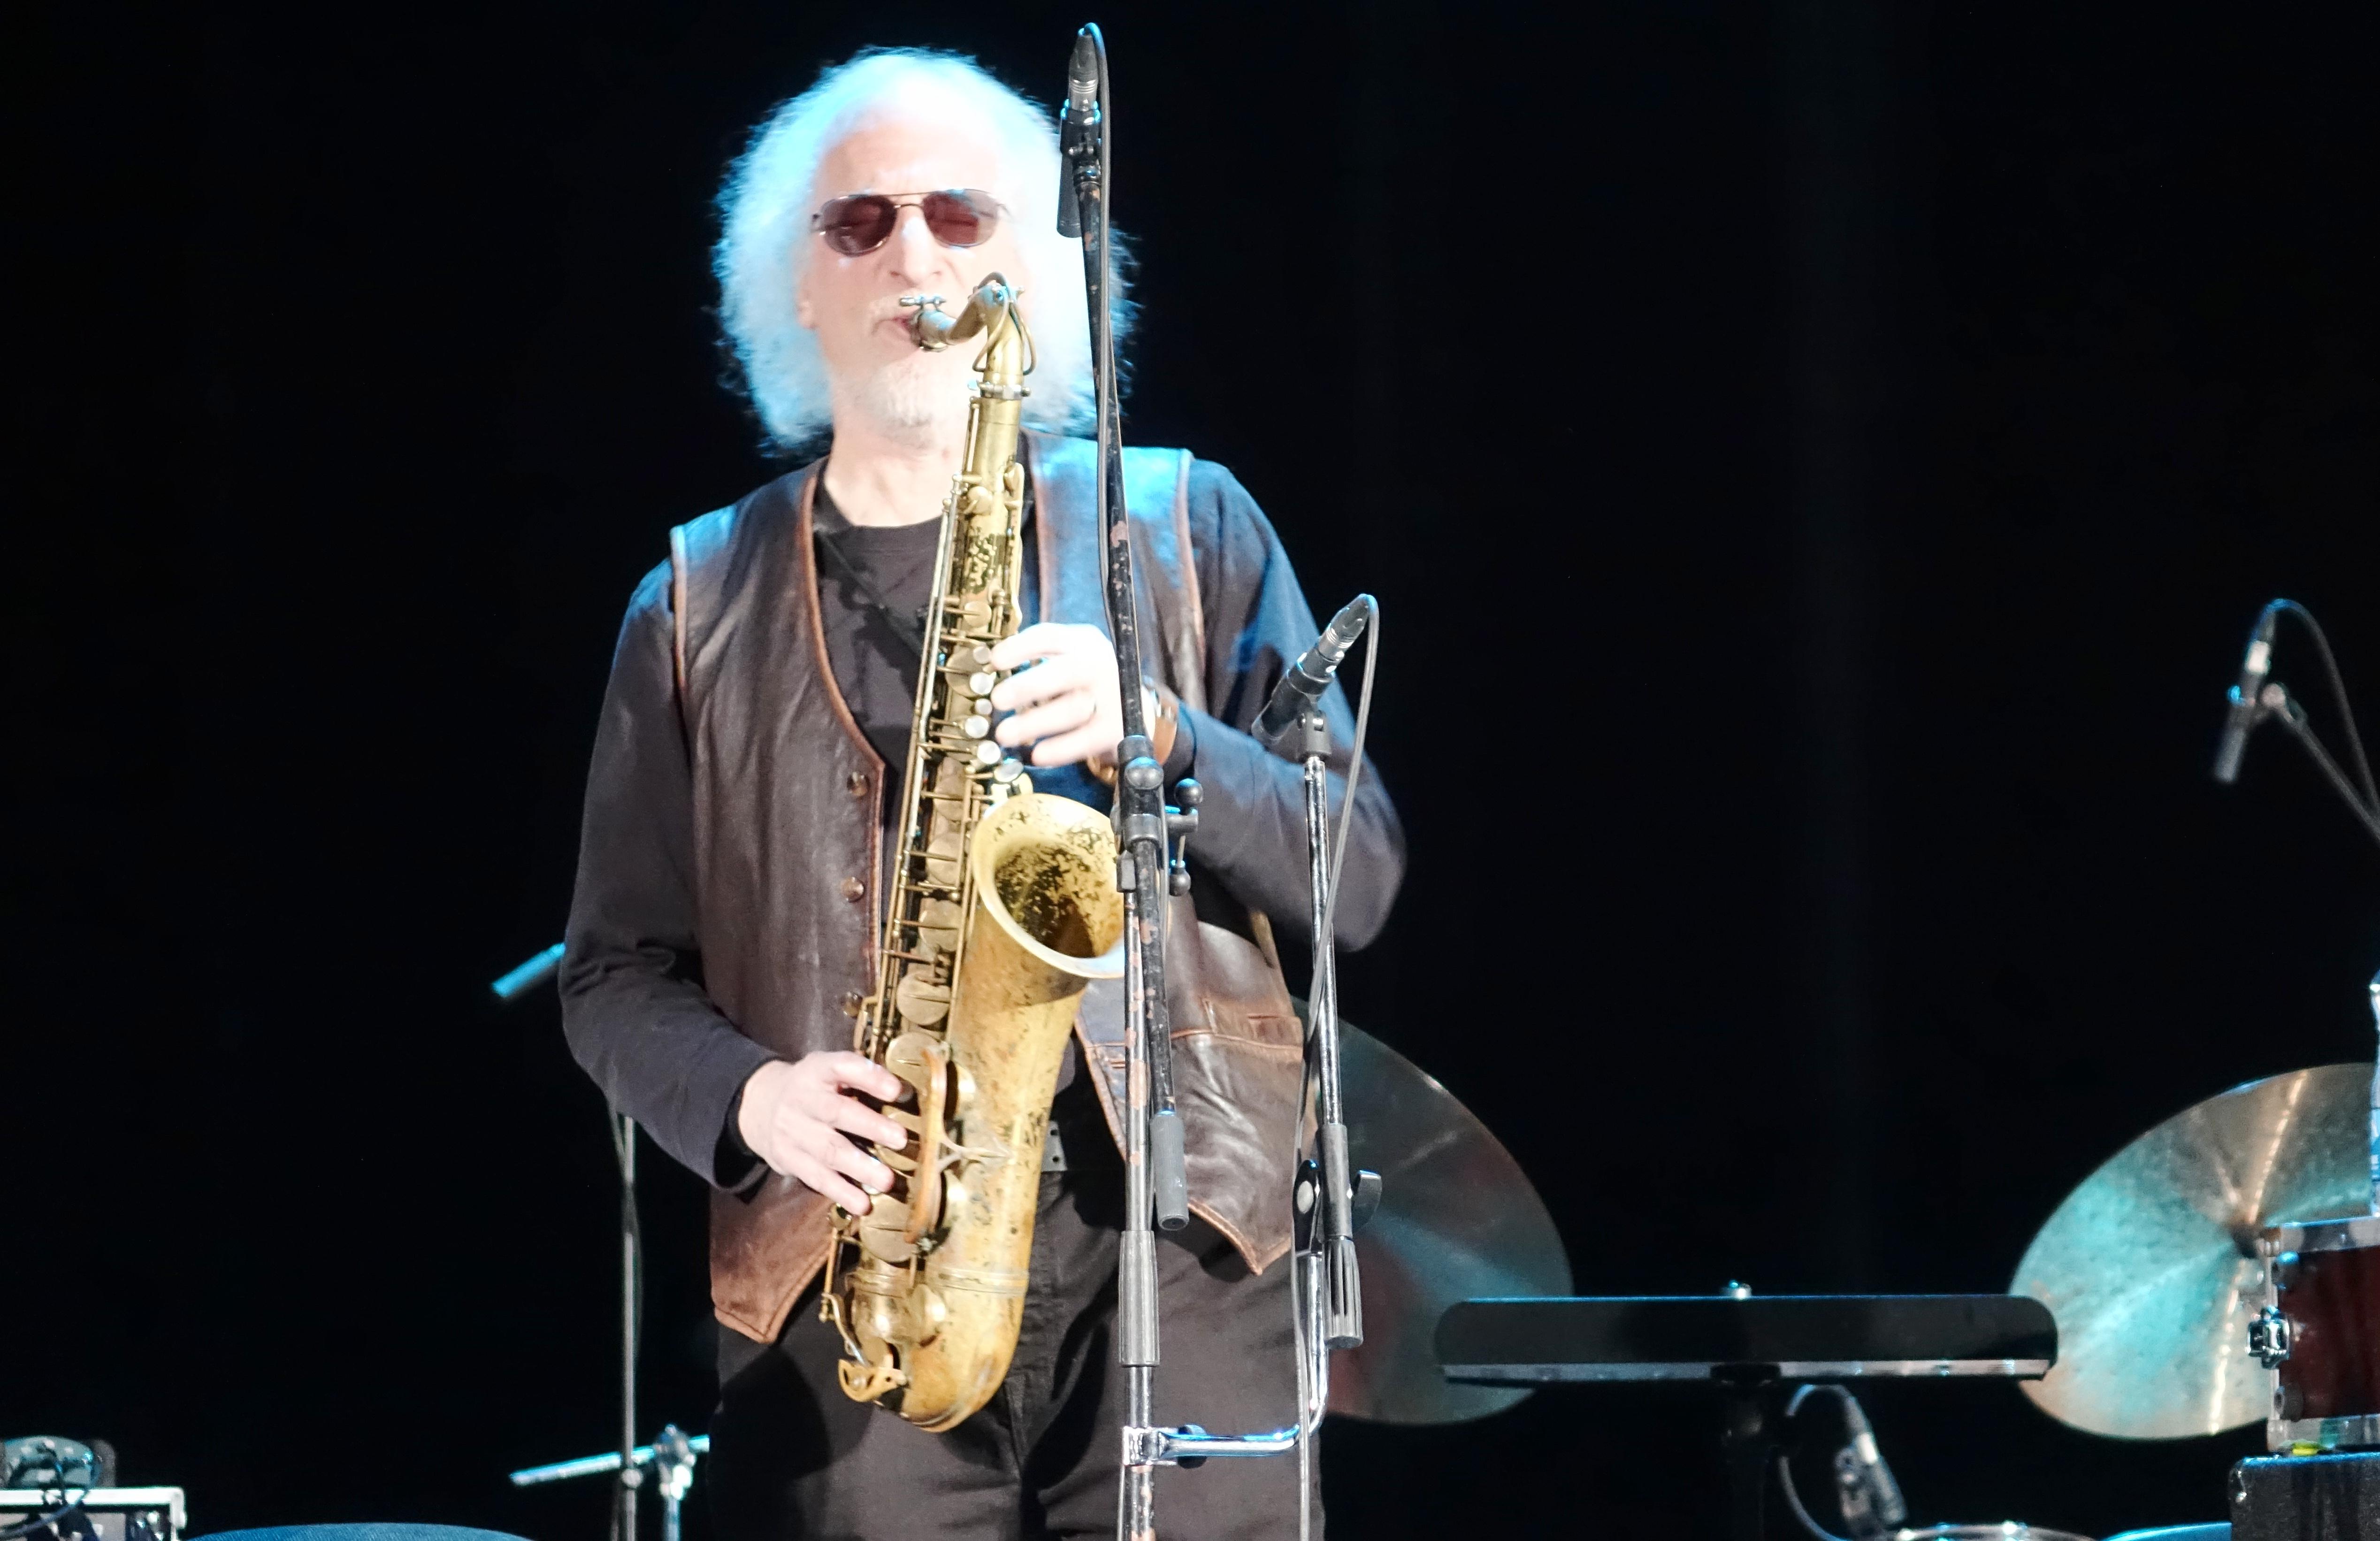 Larry Ochs at the Vilnius Mama Jazz Festival in November 2017